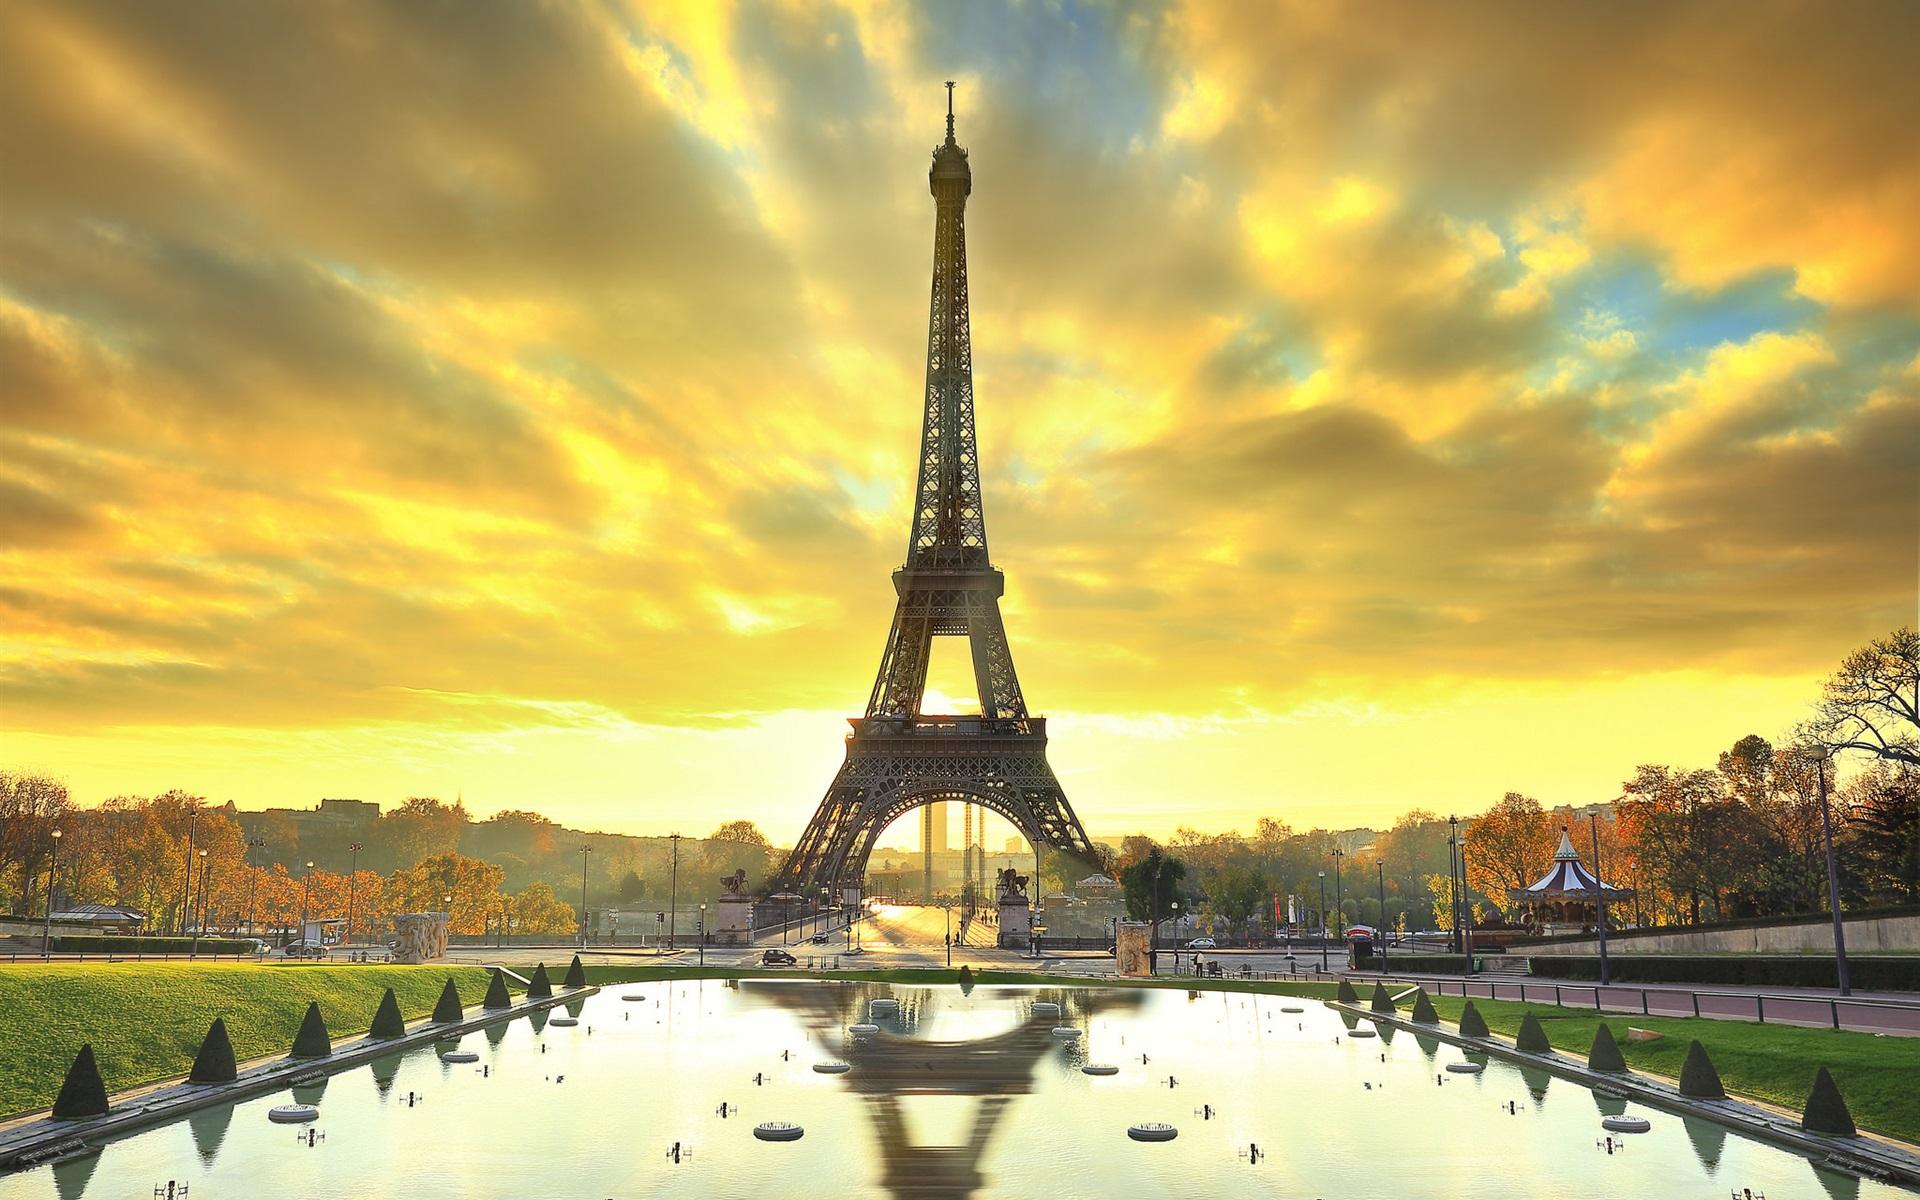 壁紙 パリ エッフェル塔 市 水 秋 日の出 19x10 Hd 無料のデスクトップの背景 画像